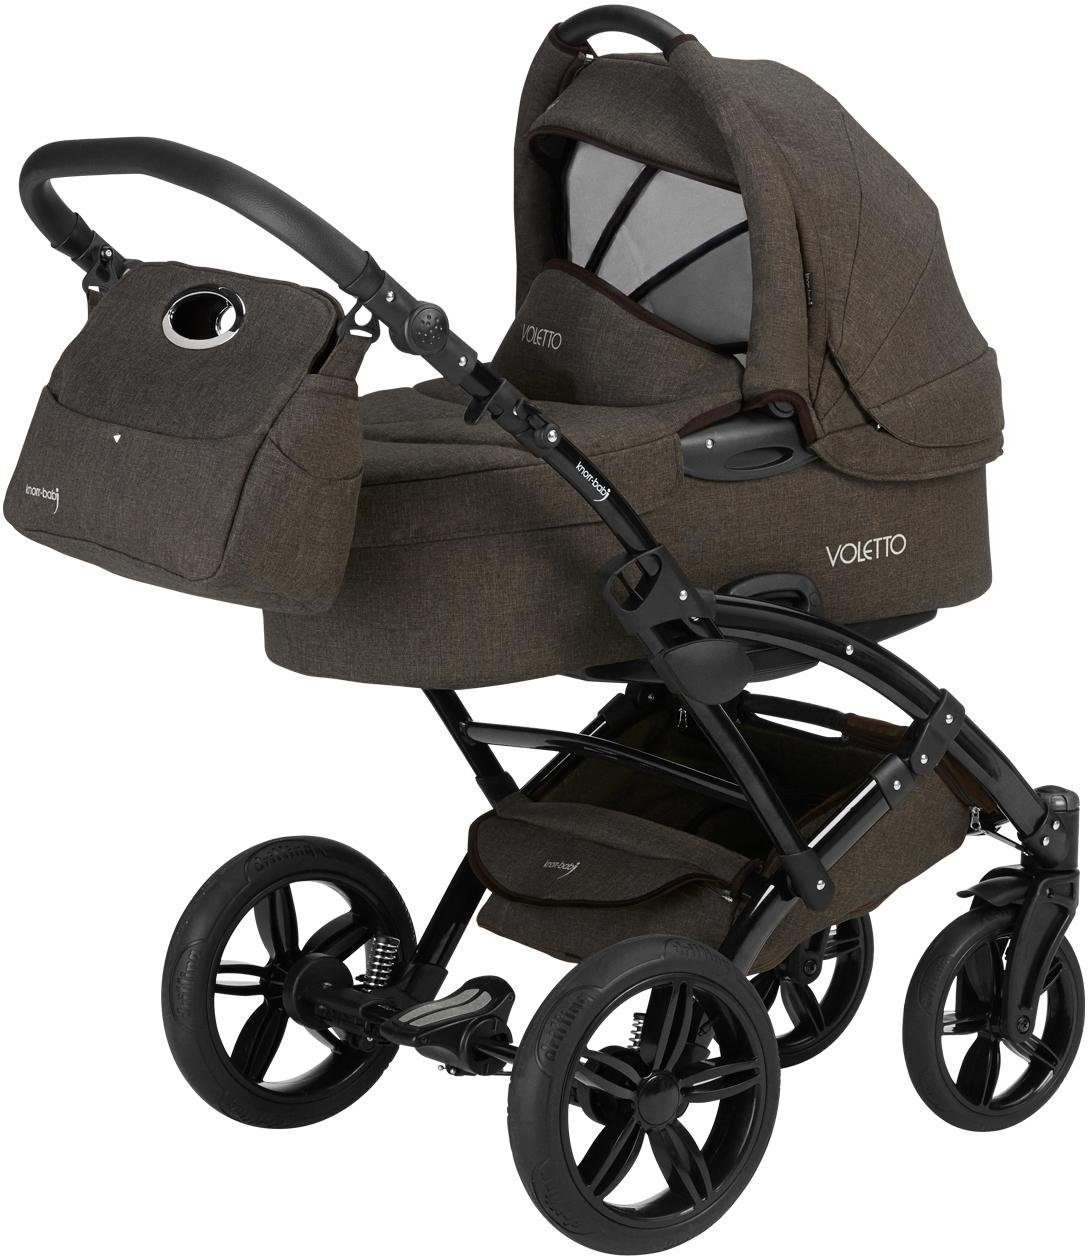 knorr-baby Kombi-Kinderwagen inkl. Babyschale, »Voletto, braun«